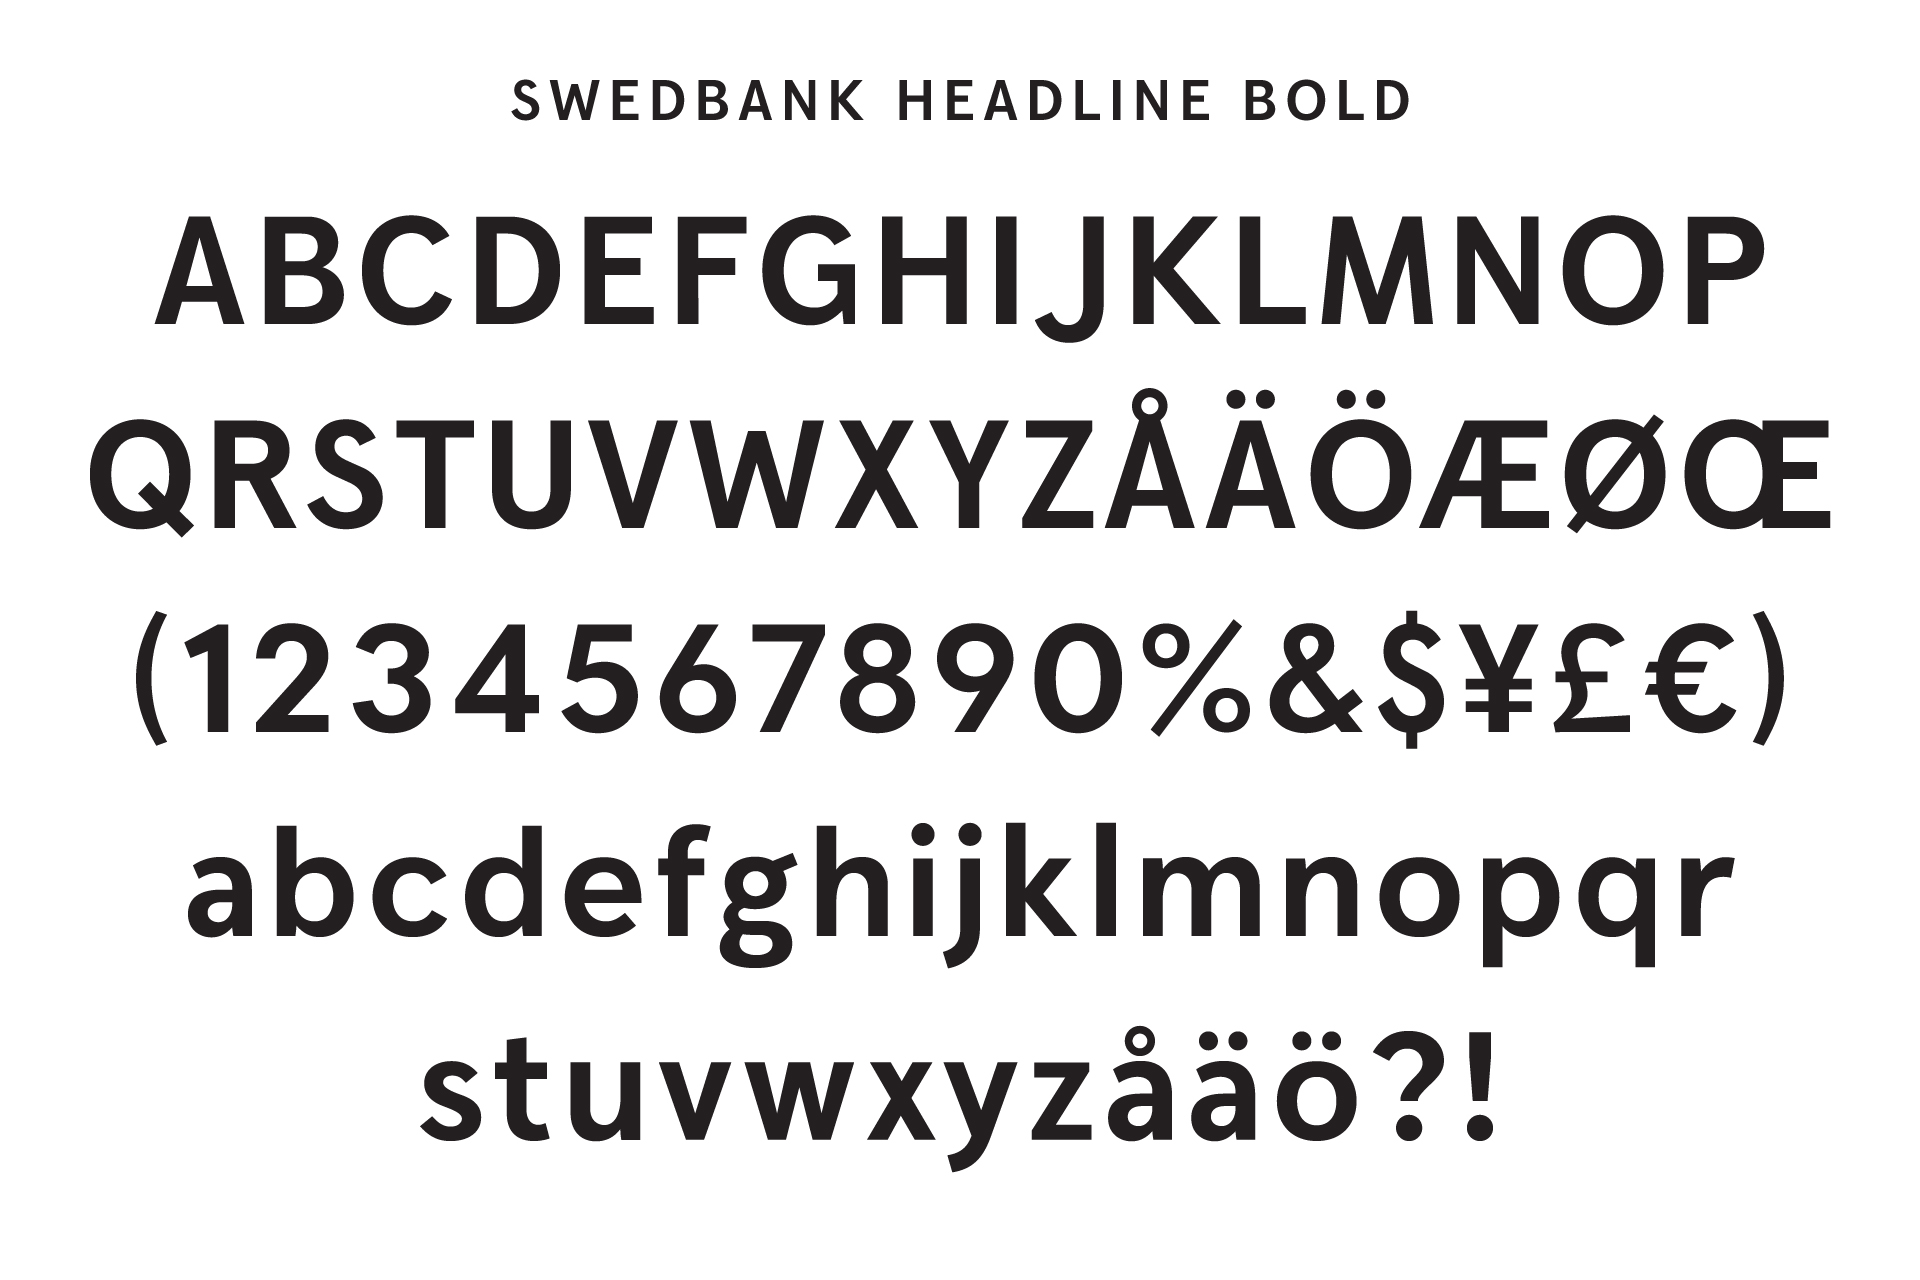 Swedbank_PAGE-1